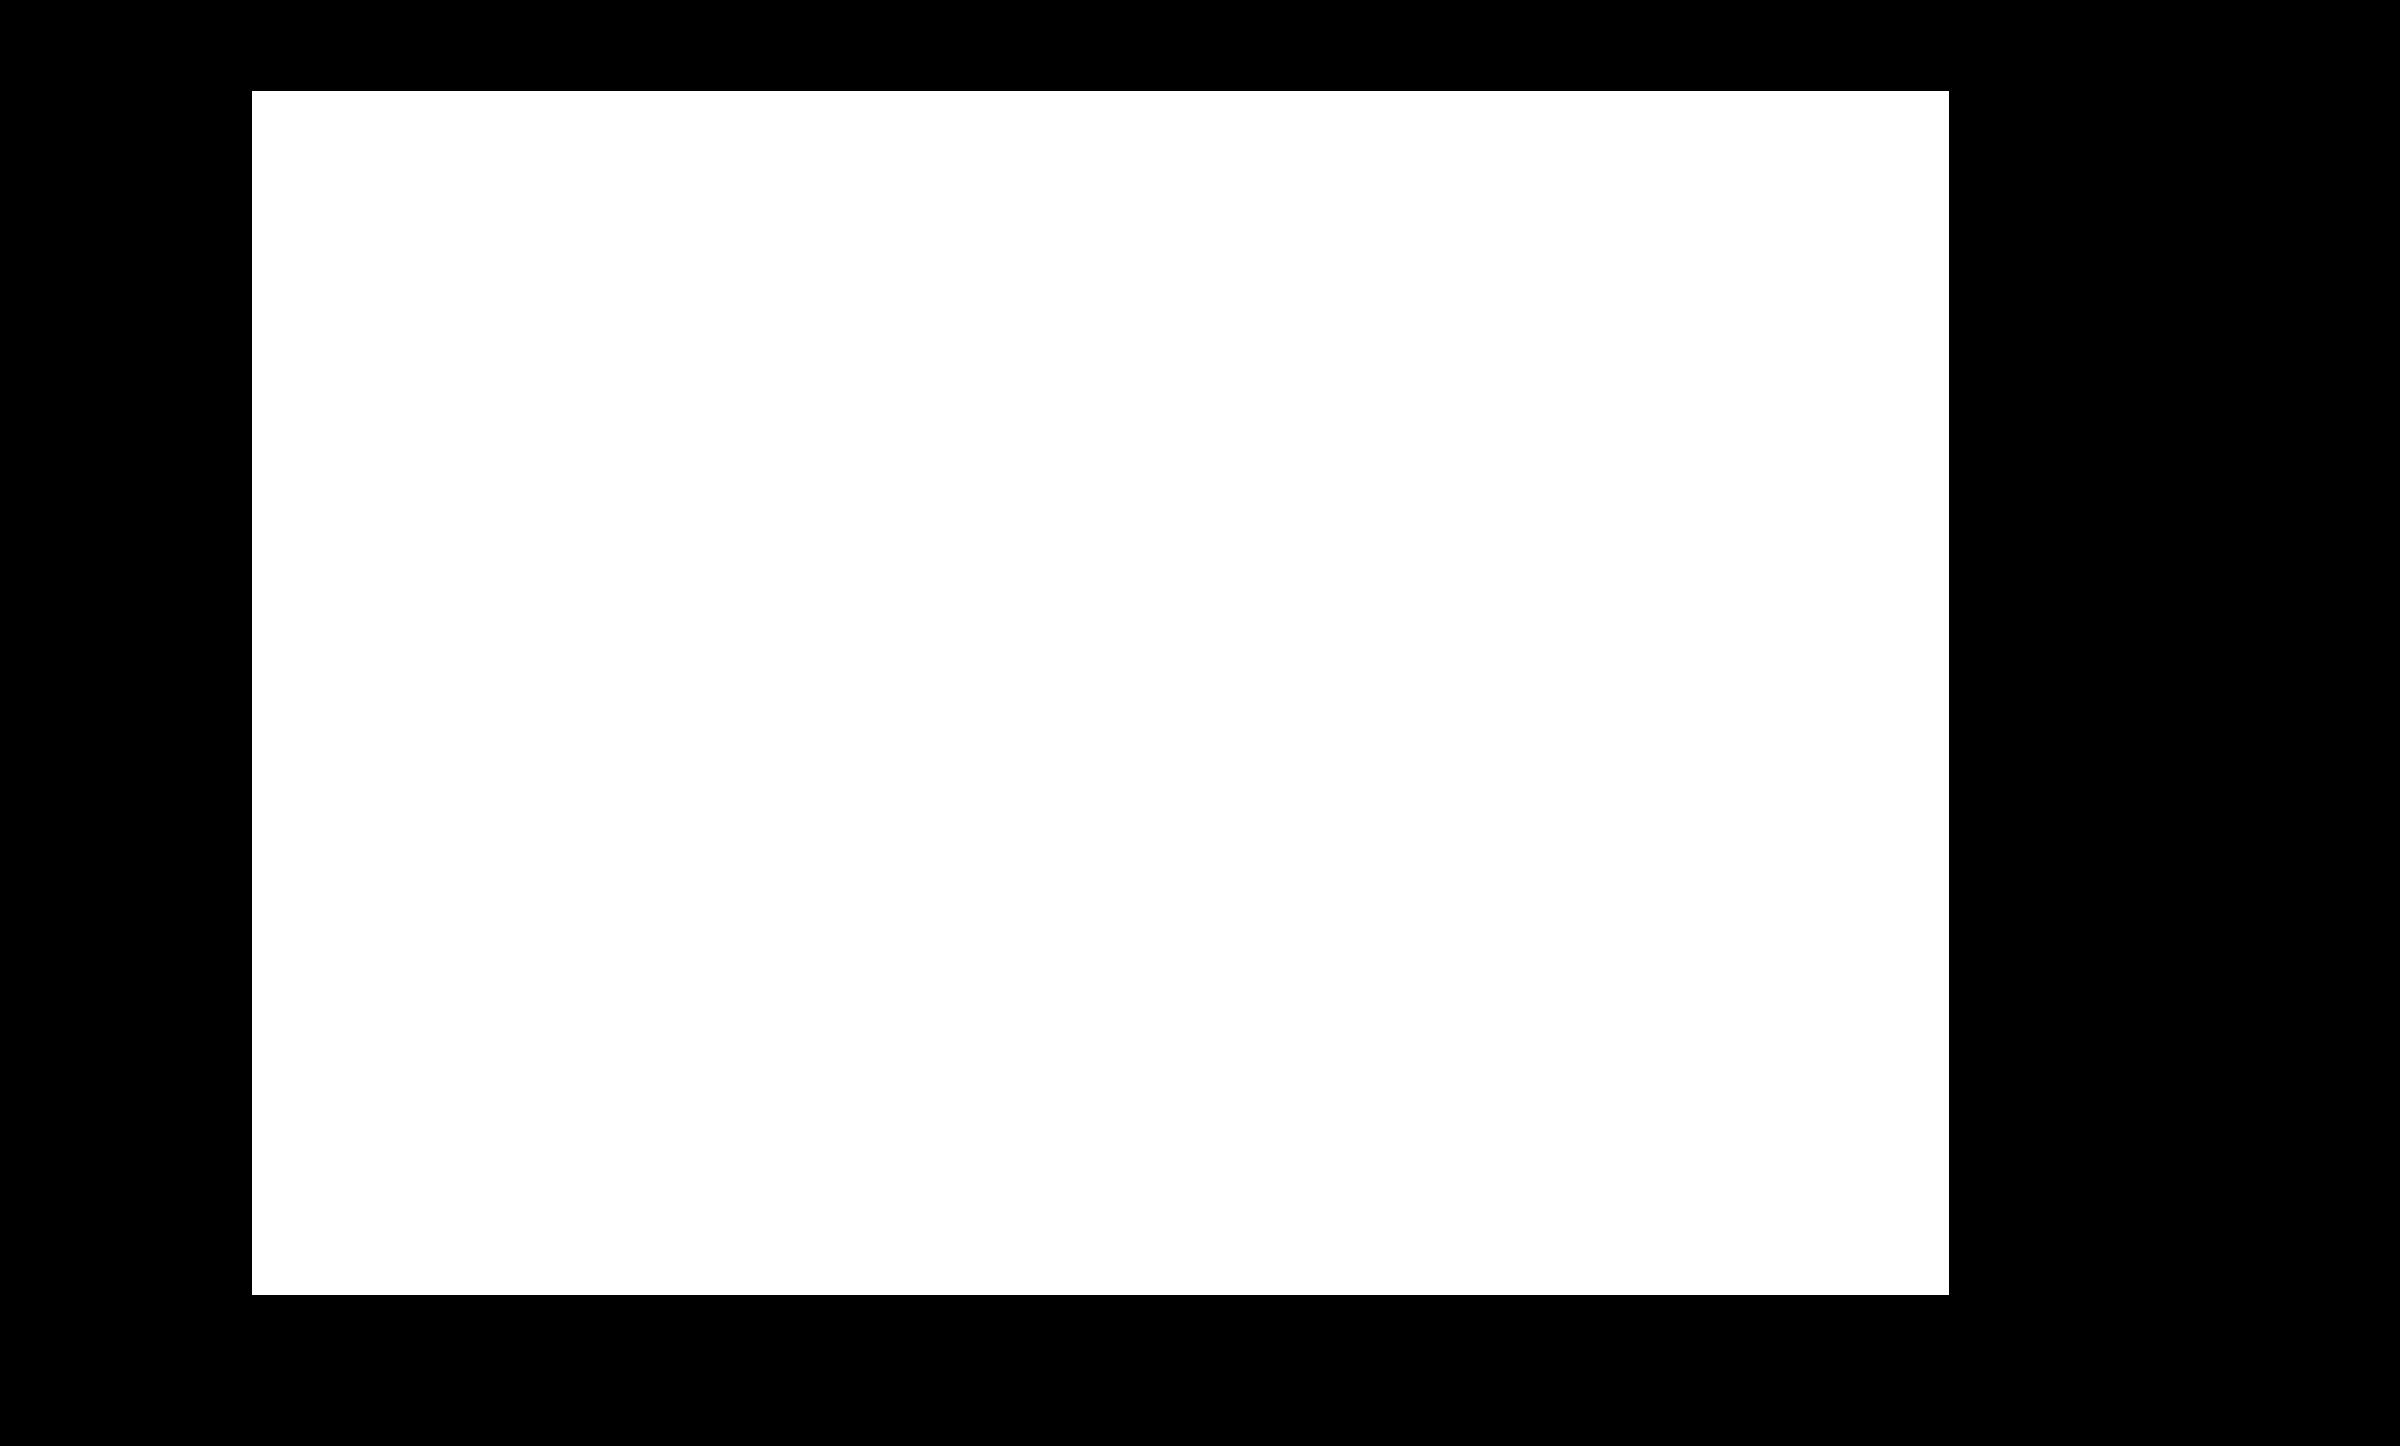 重庆青年电影展